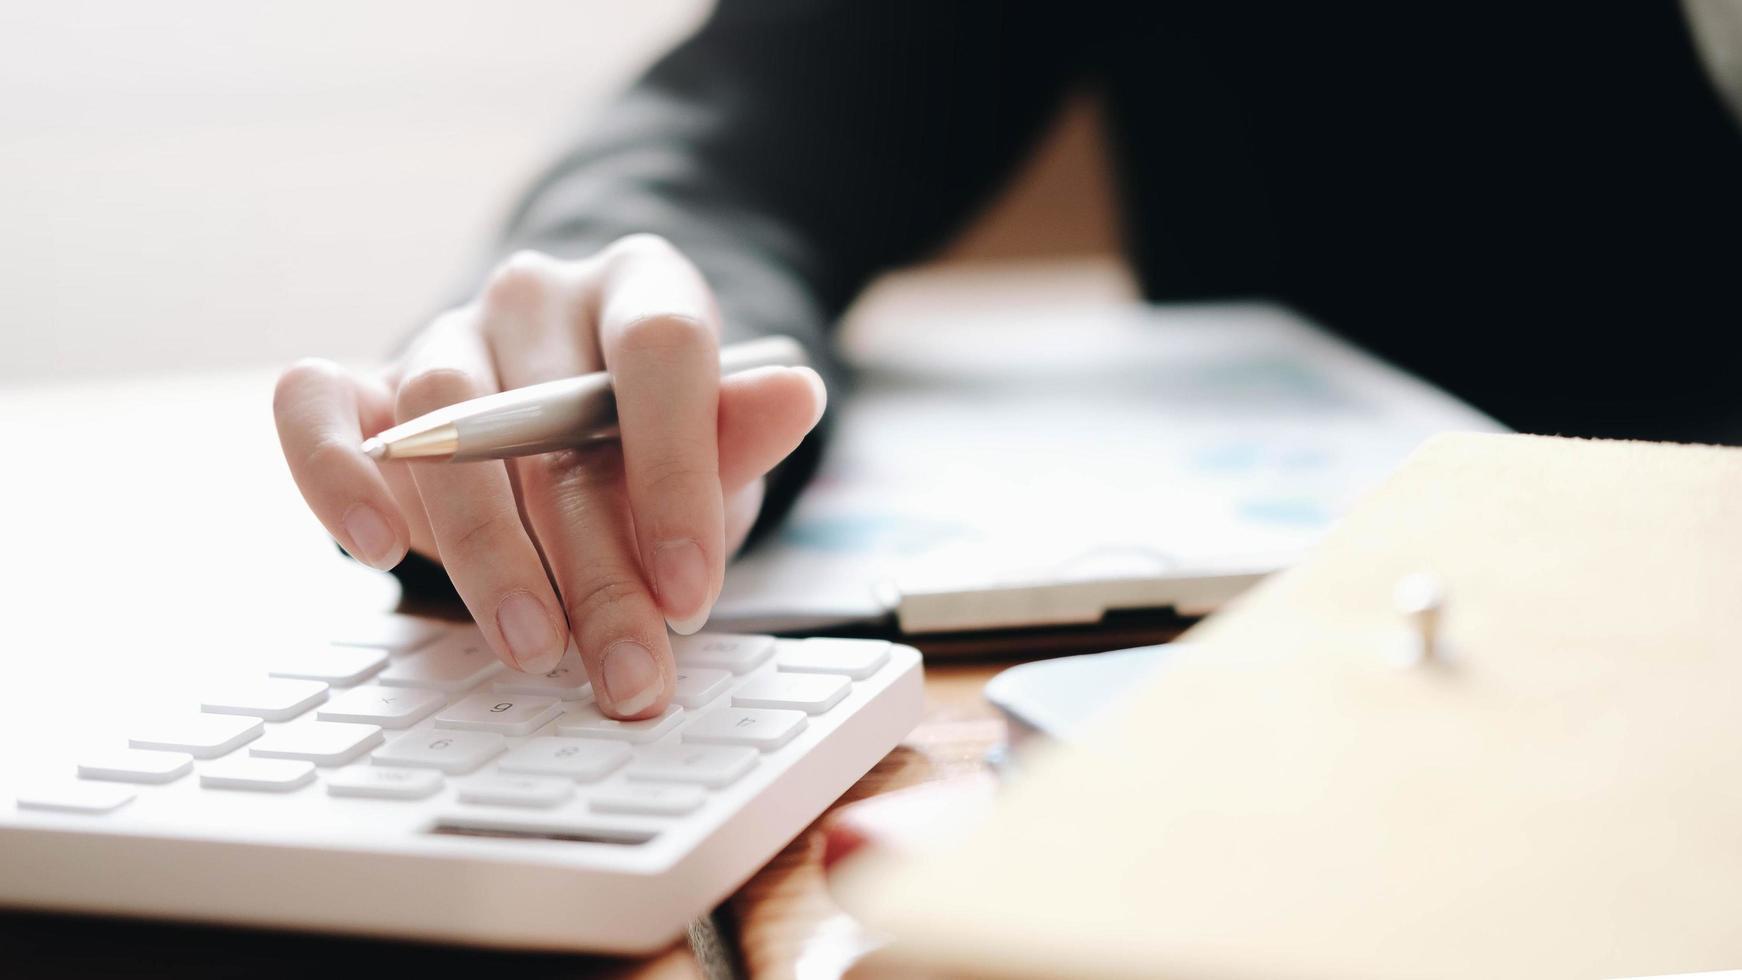 Cerca de empresaria usando calculadora foto